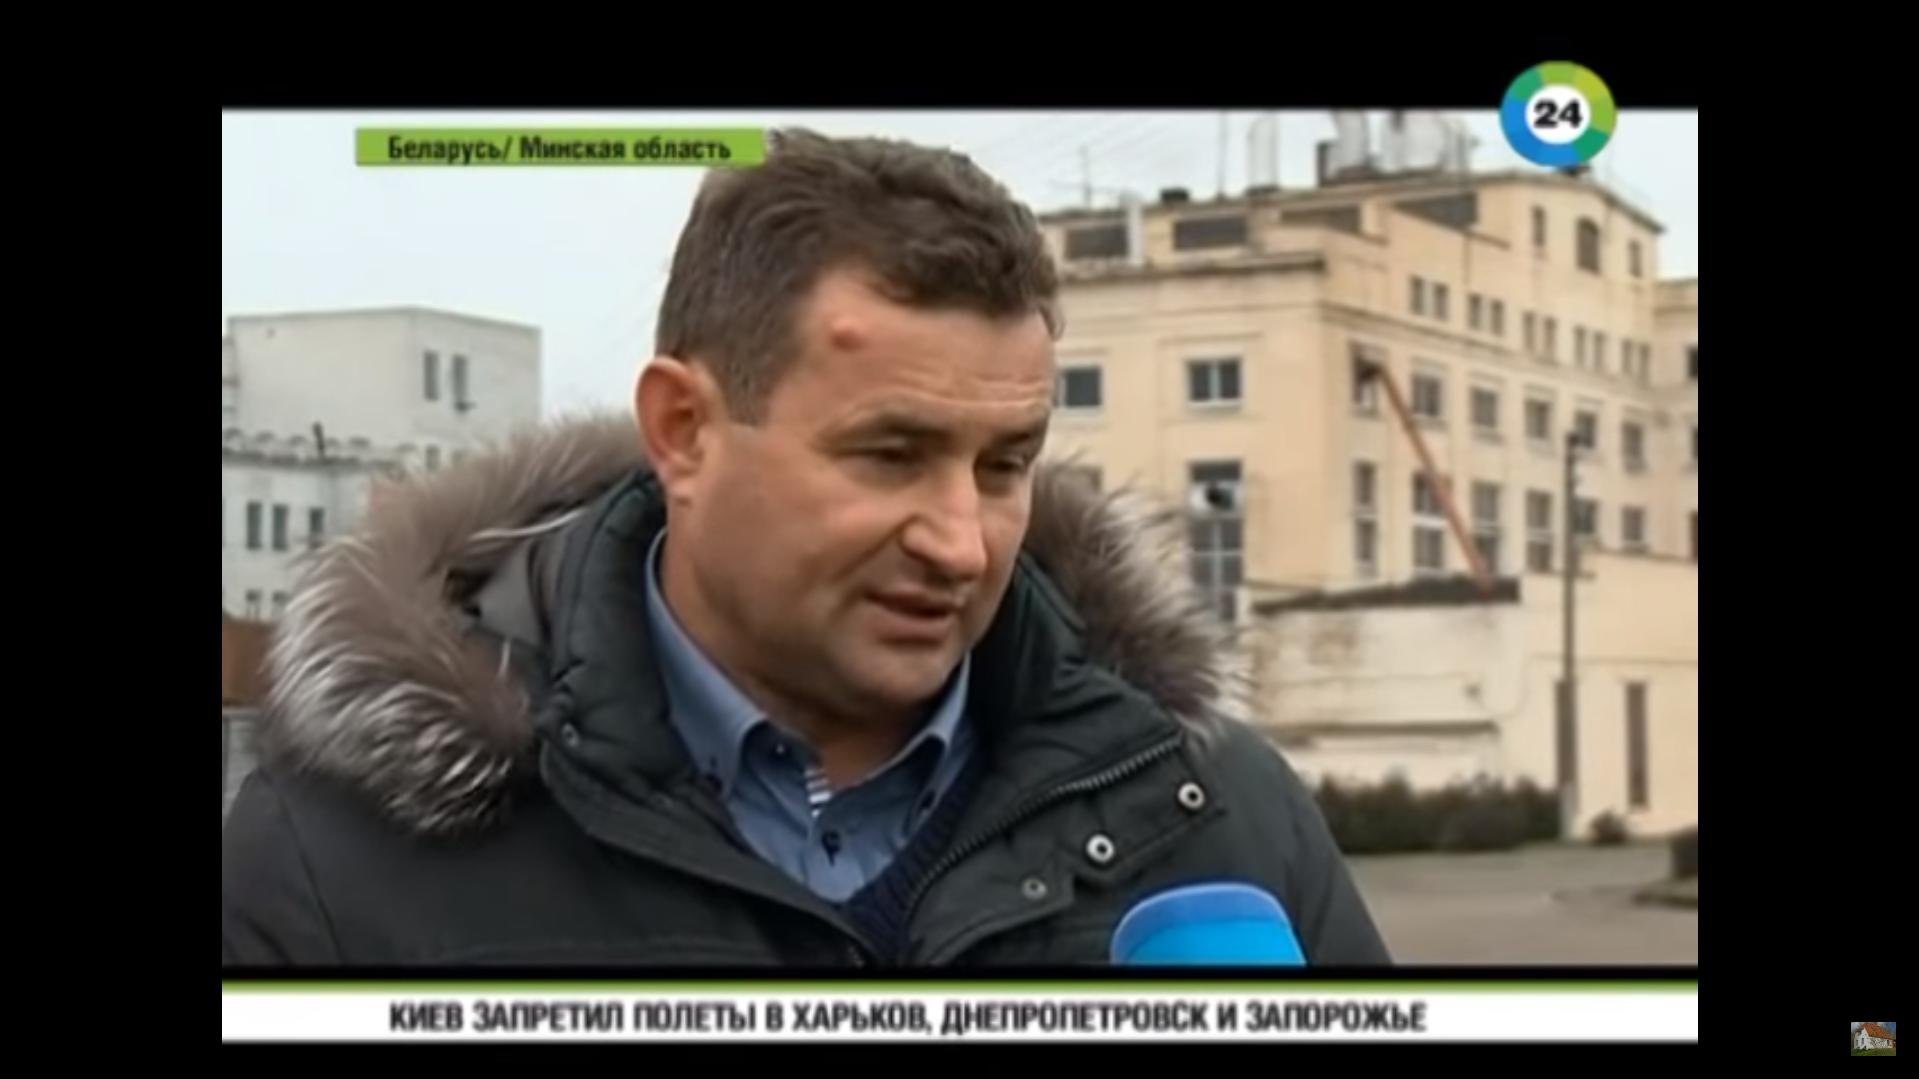 Беларусь отказывается от газа — МИР 24